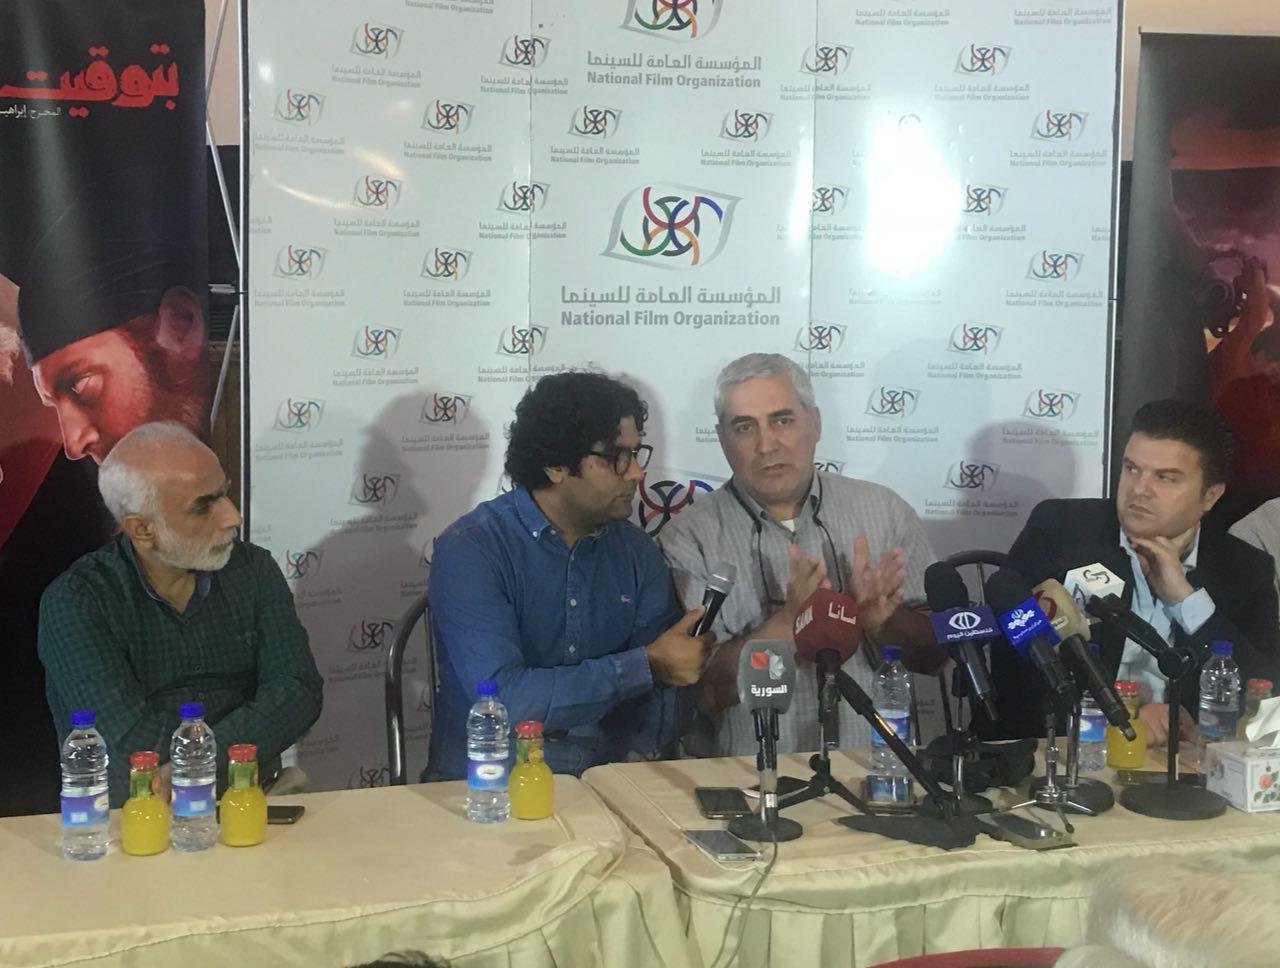 حاتمی کیا: از واکنش مردم سوریه به فیلمم خوشحالم/ وقتی حاج قاسم به وقت شام را دید، ترسیدم!